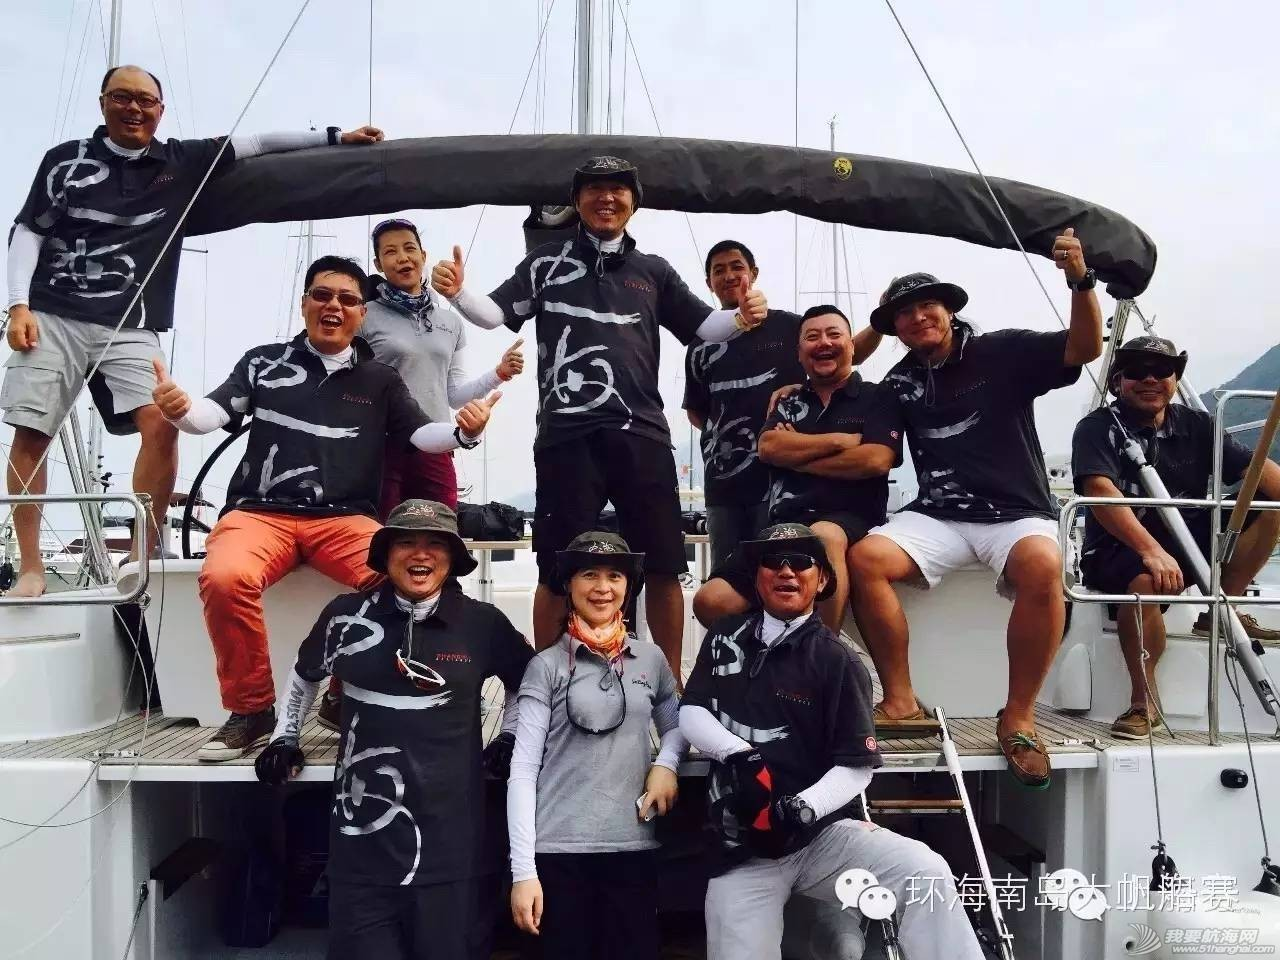 帆船运动,那些事儿,海南岛,老男孩,梦之队 关于海帆赛的那些事儿 e530f0c4dc073af84a02a866bfb5faa6.jpg